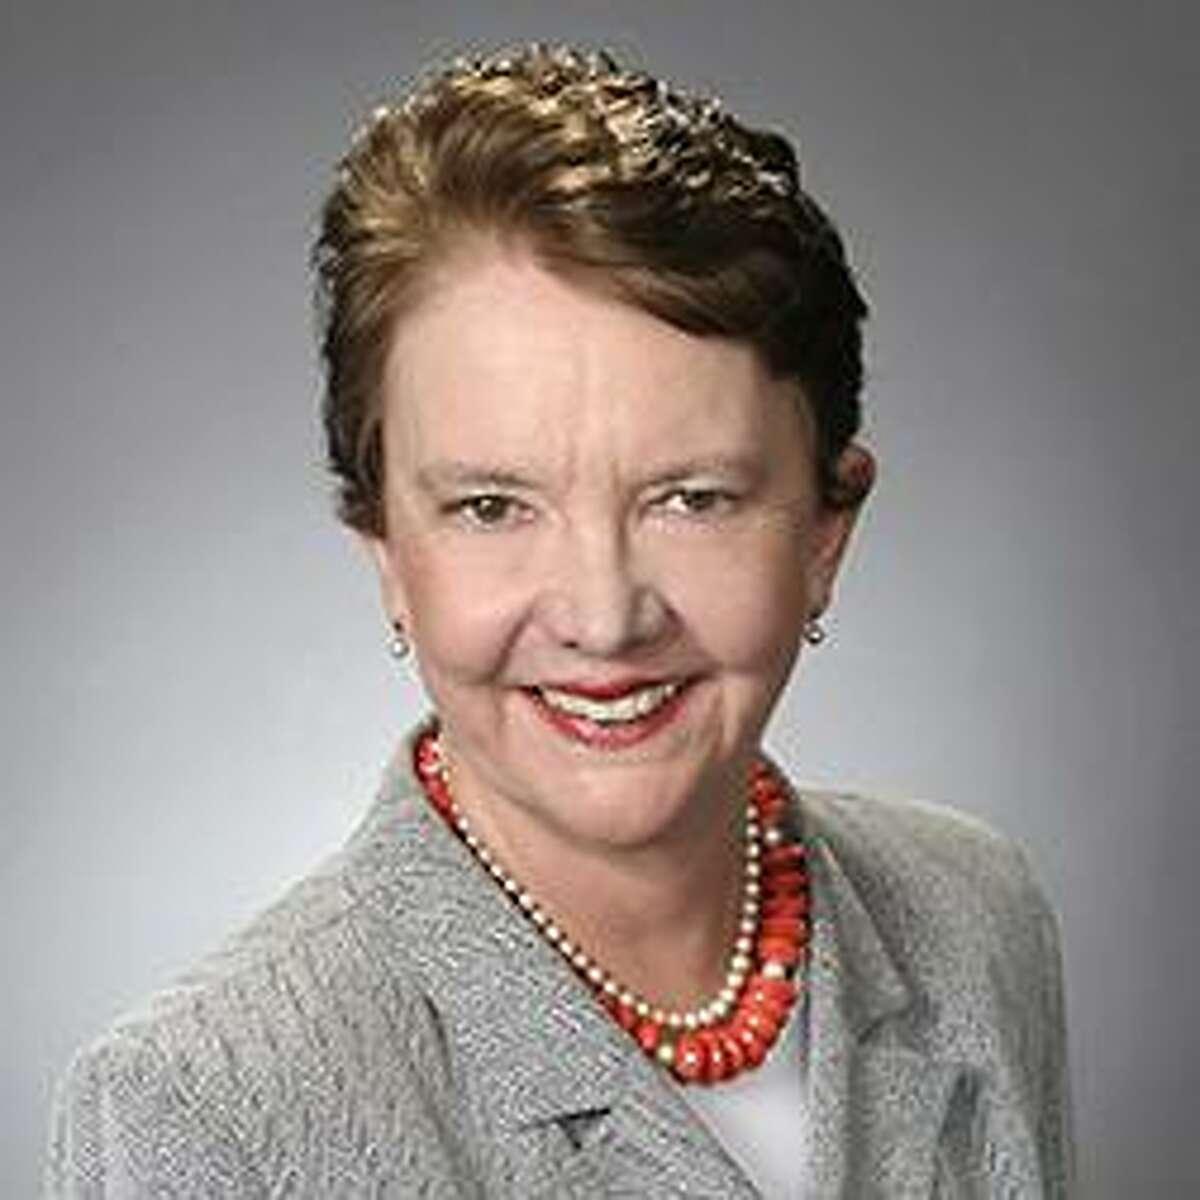 Laura Higley